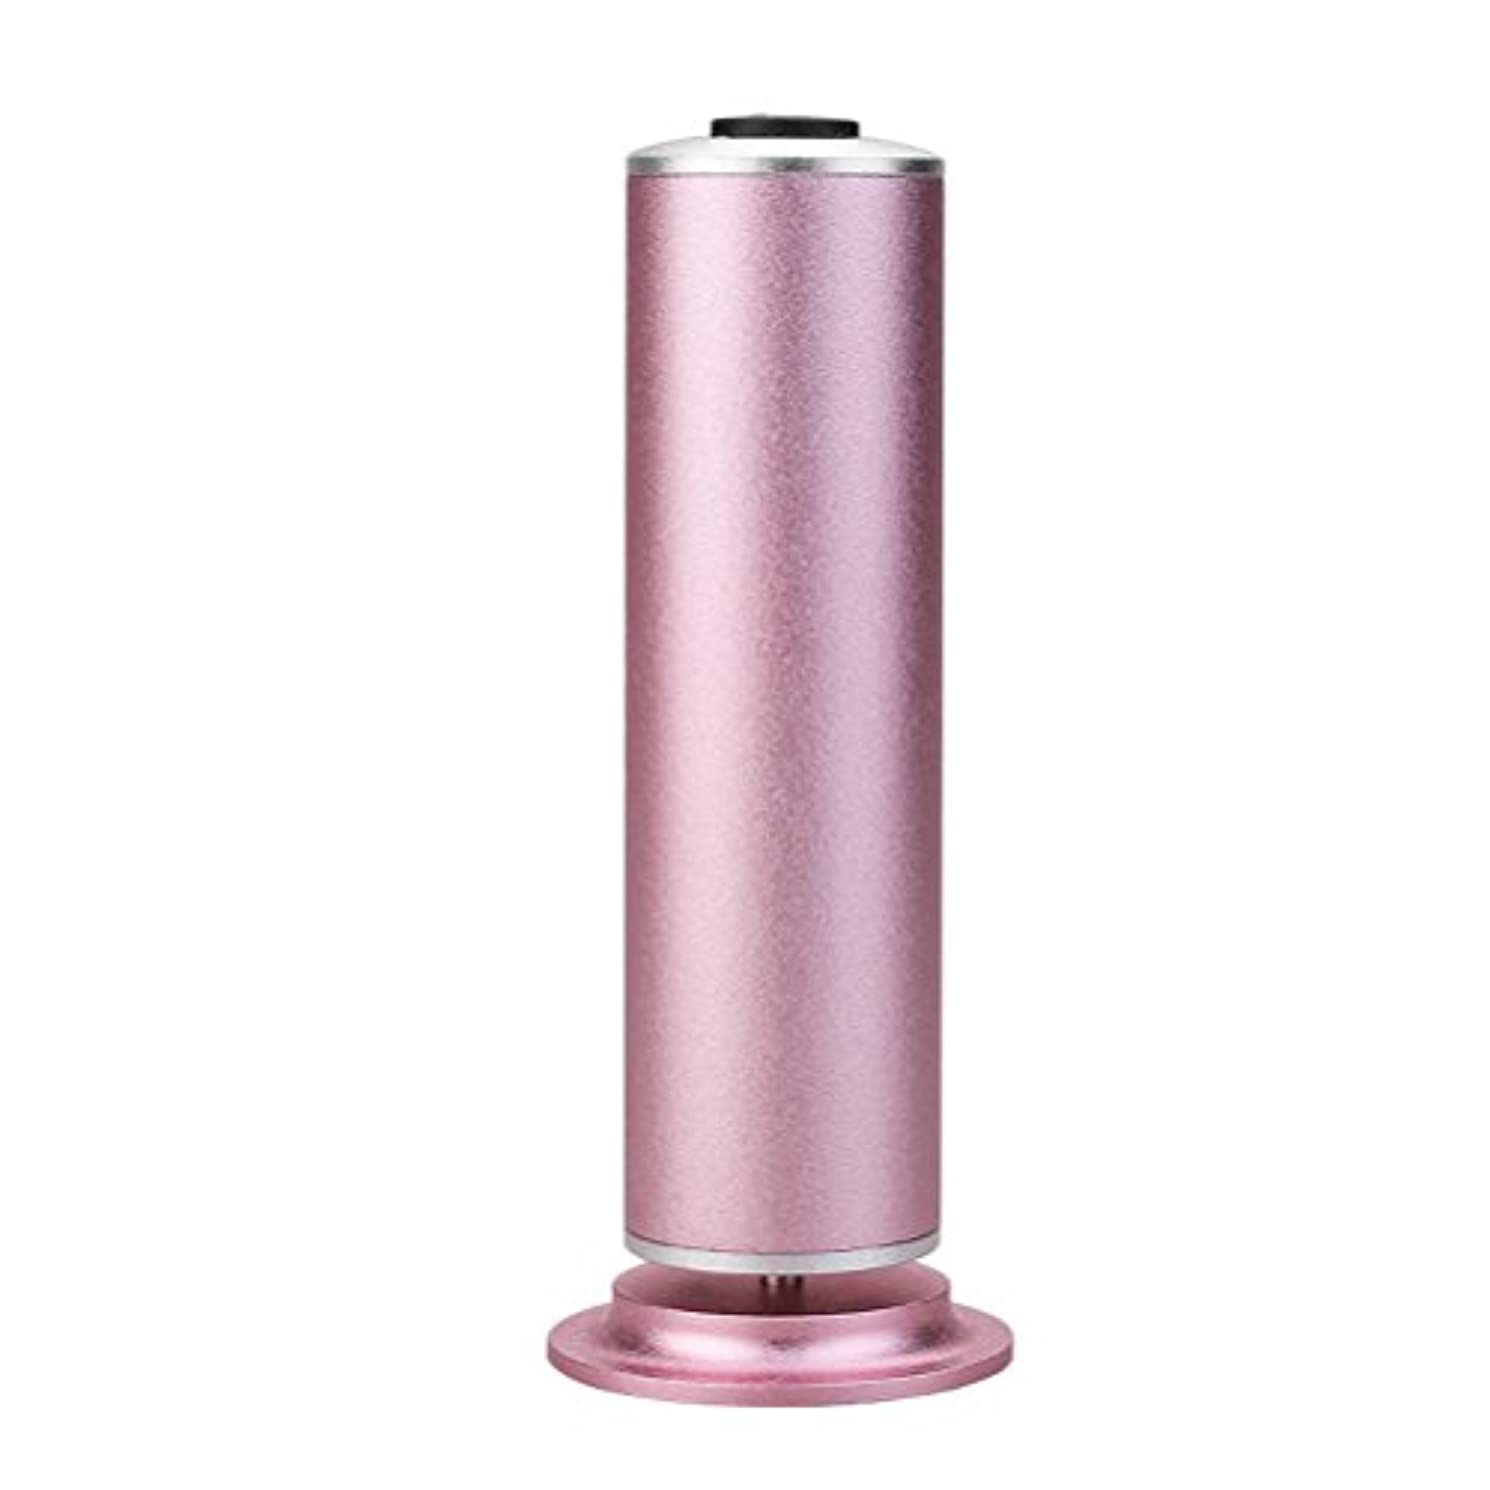 集中的なスーパーマーケット主Healifty 米国のアダプタを使用してデッドスキン除去のための足カルスリムーバーフットペディキュアツール(ピンク)